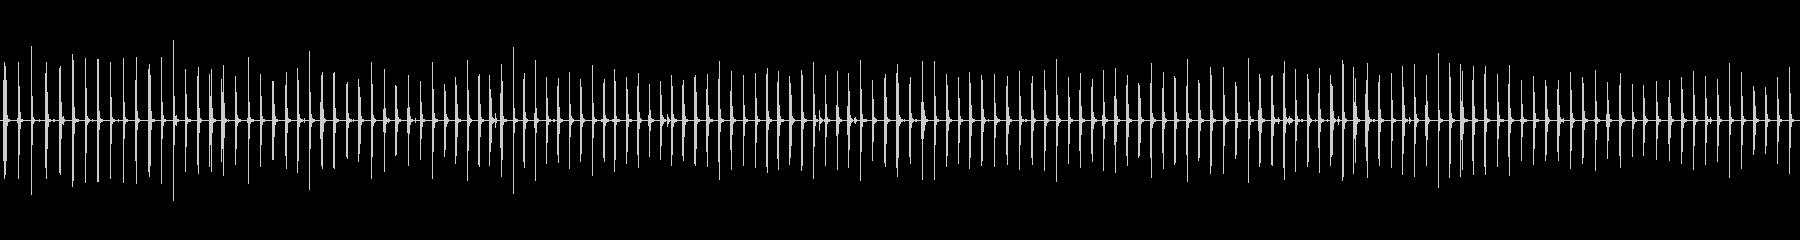 メタルカップの背景のさまざまなヒットの未再生の波形